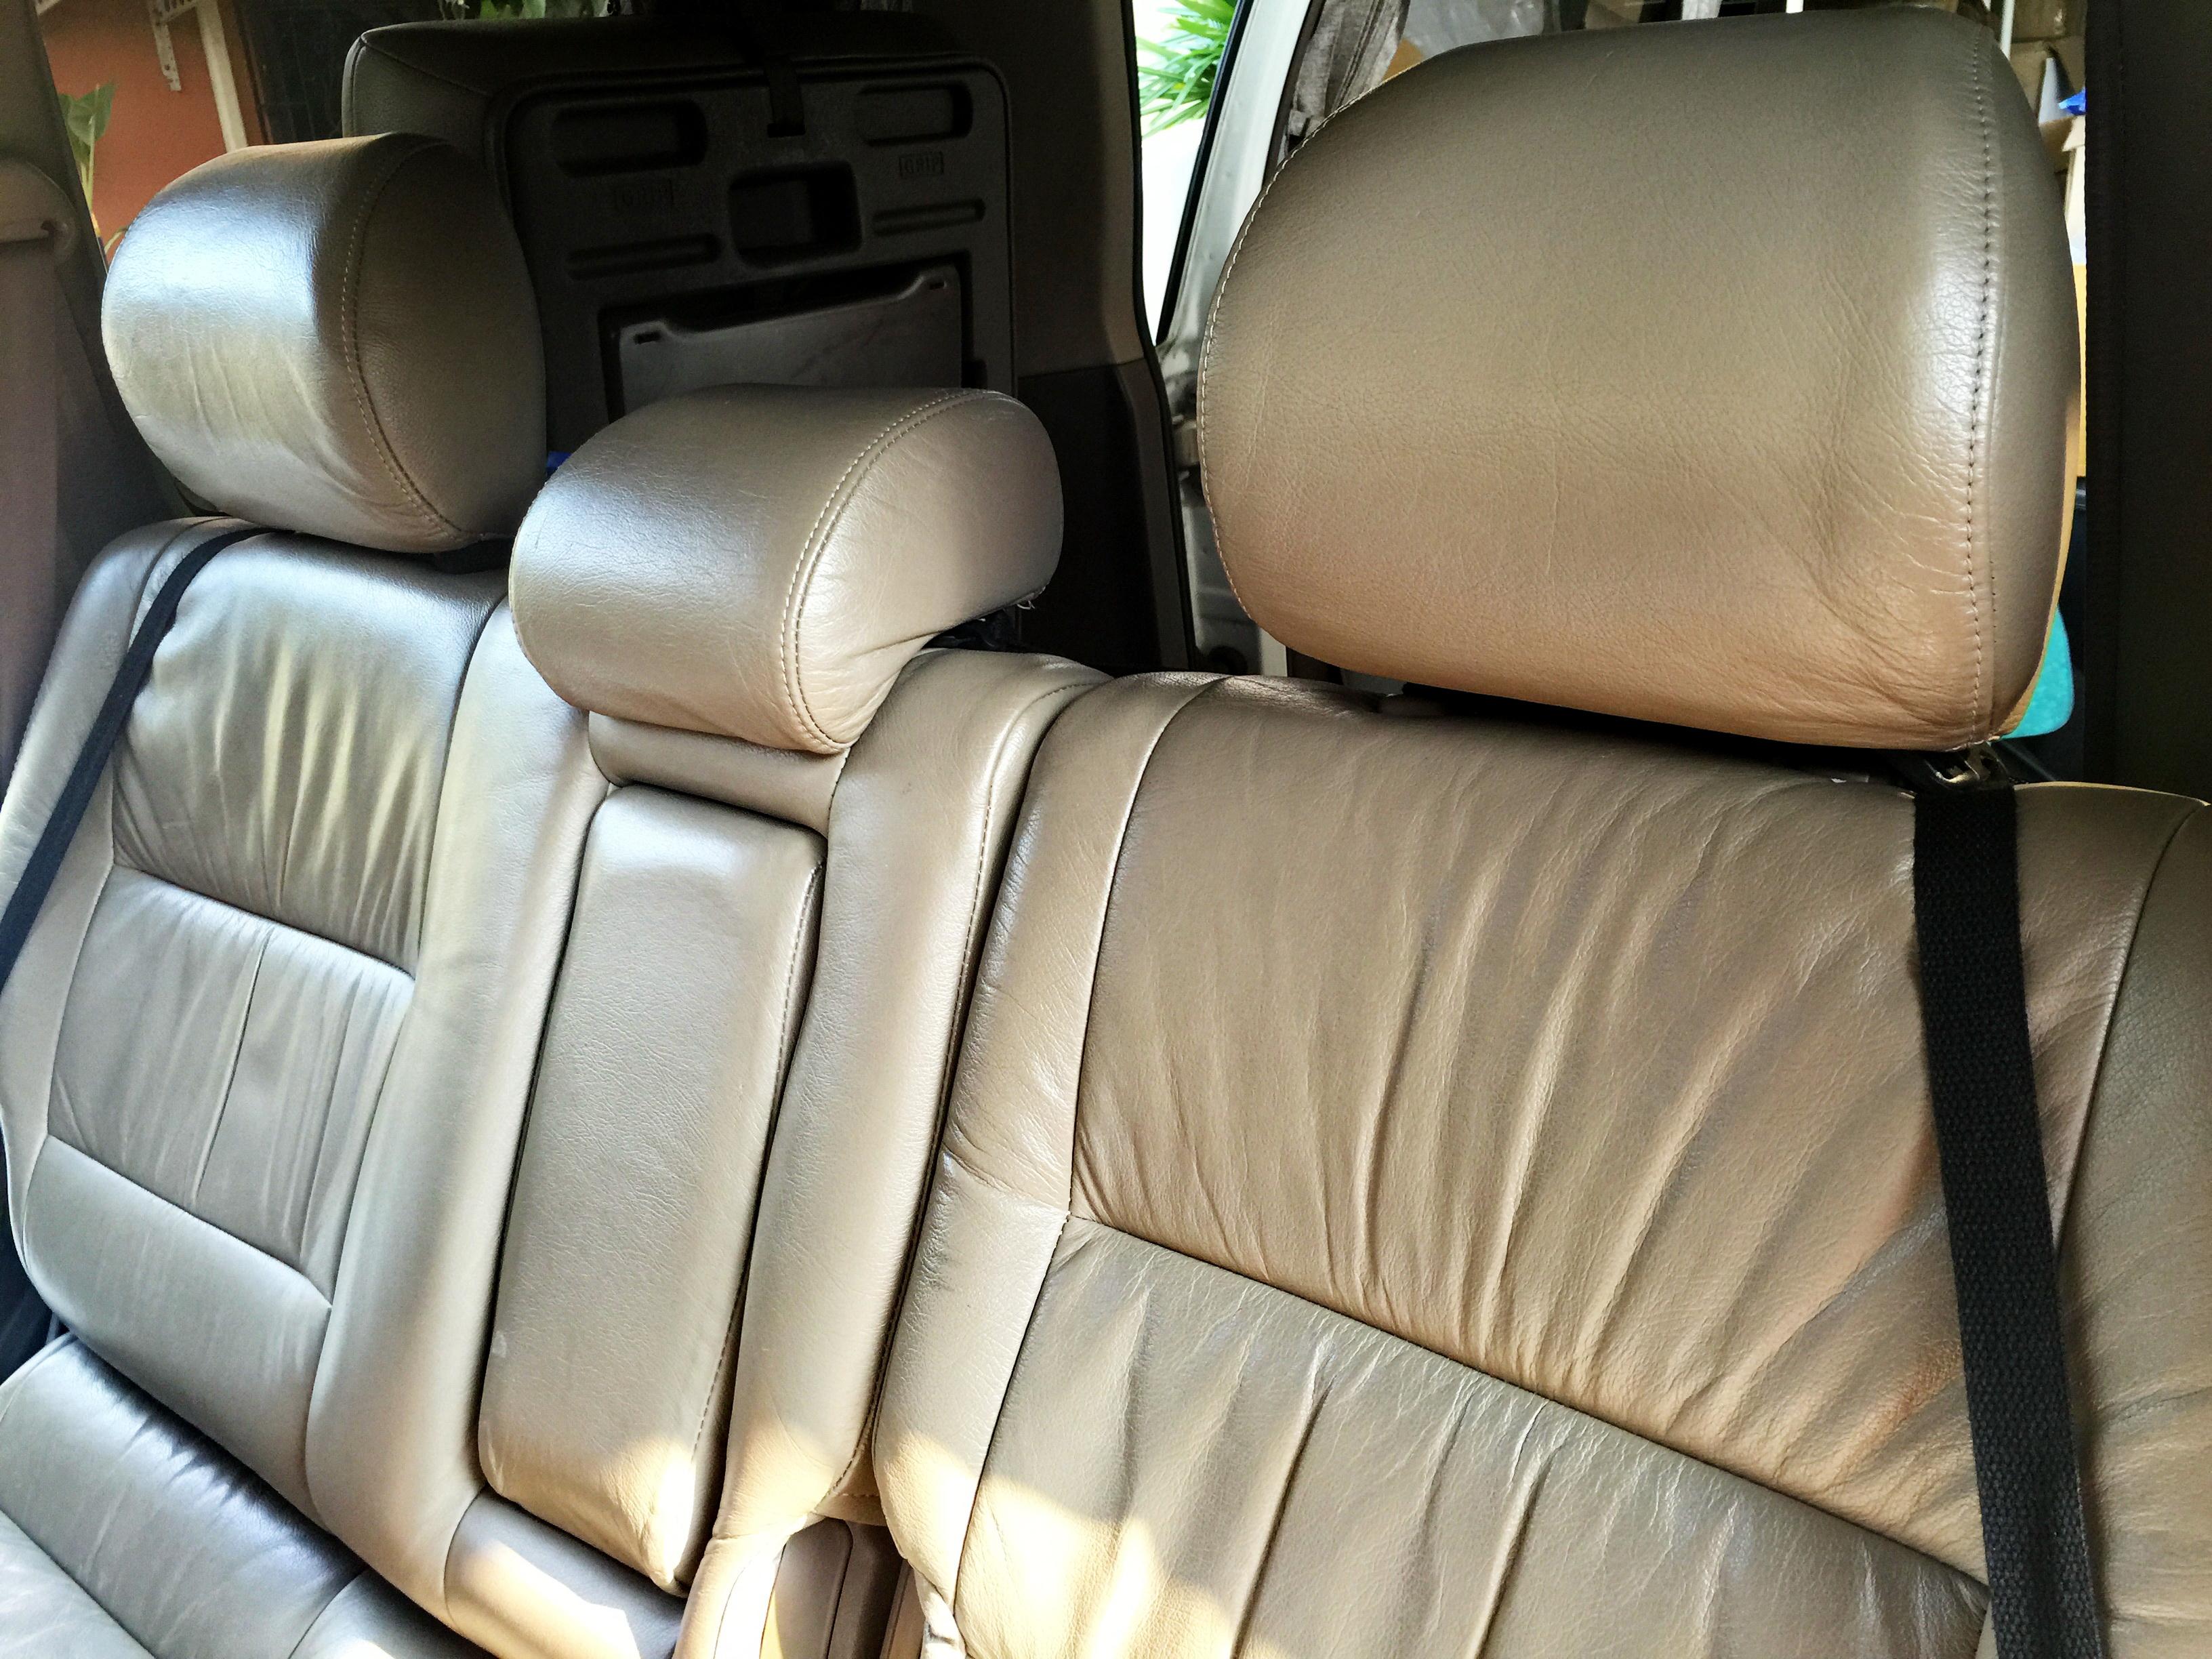 ของแต่งรถราคาถูก สำหรับ CRV,SUV,MPV,Fortuner,Land cruiser,Prado,Chevrolet,Mu7,Isuzu